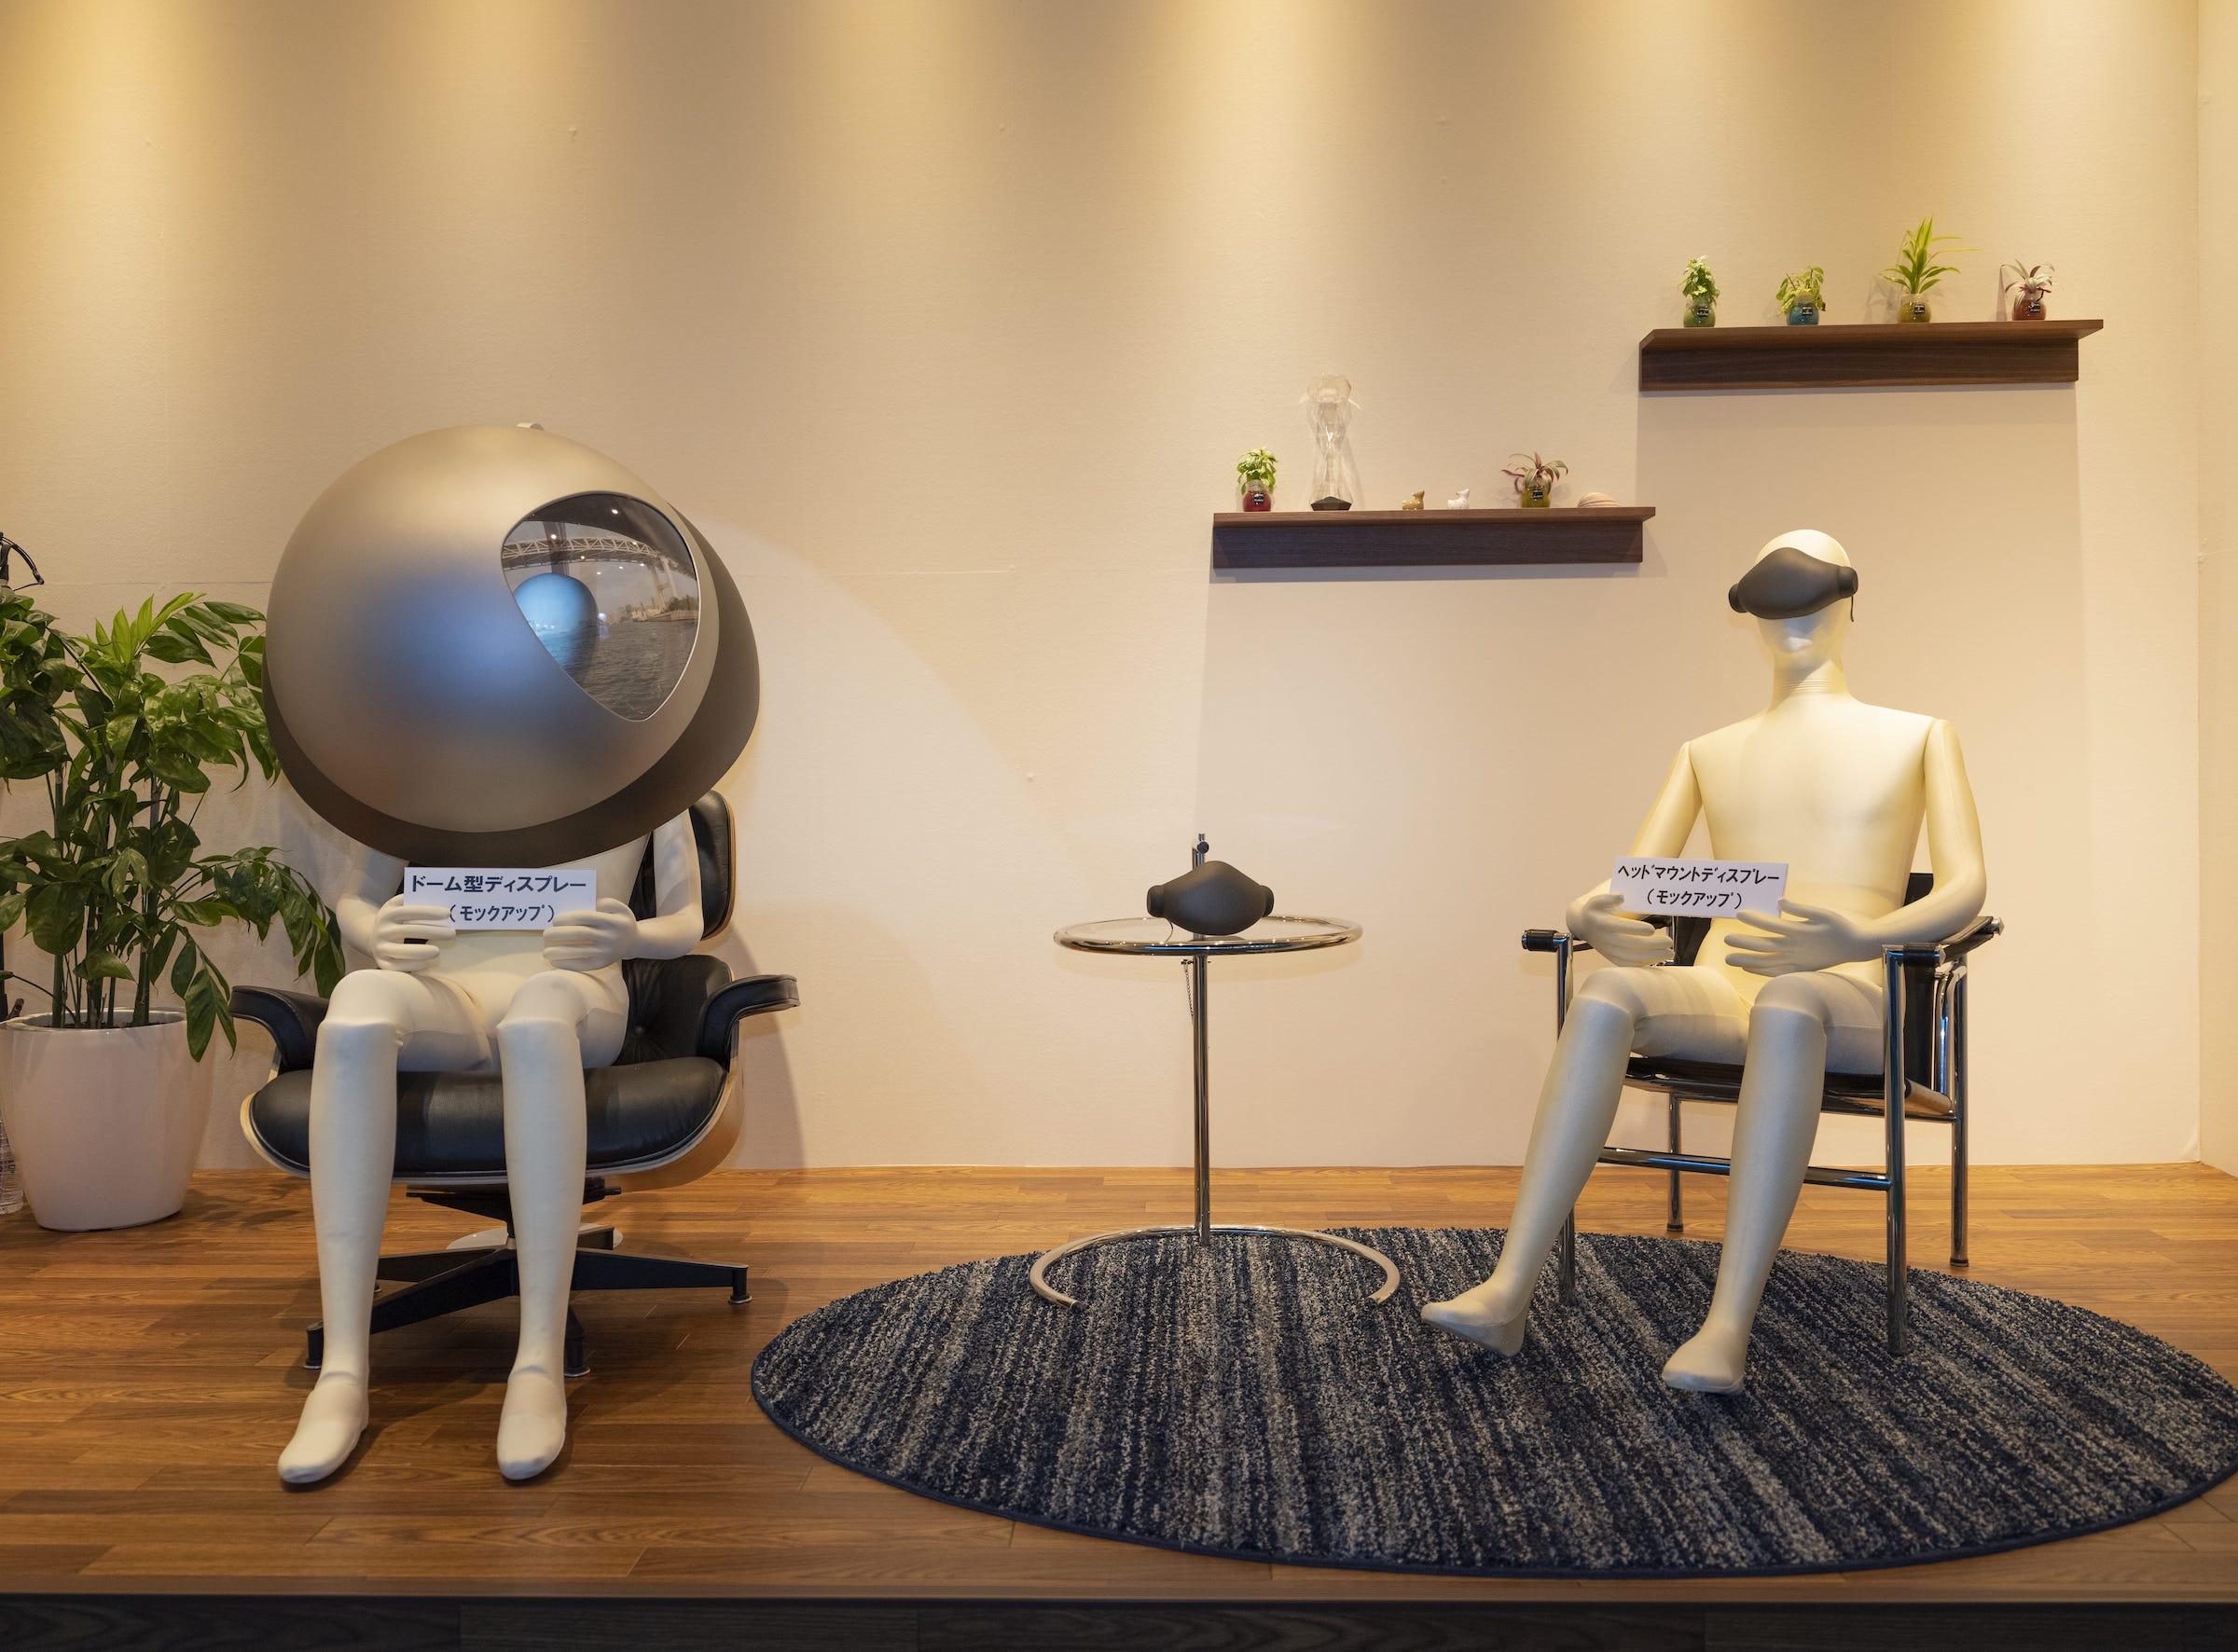 未来のテレビ視聴スタイルの一例として展示されていた、8K映像などによる高精細VR映像を体験できるヘッドマウントディスプレイ(右)とドーム型ディスプレイ(左)